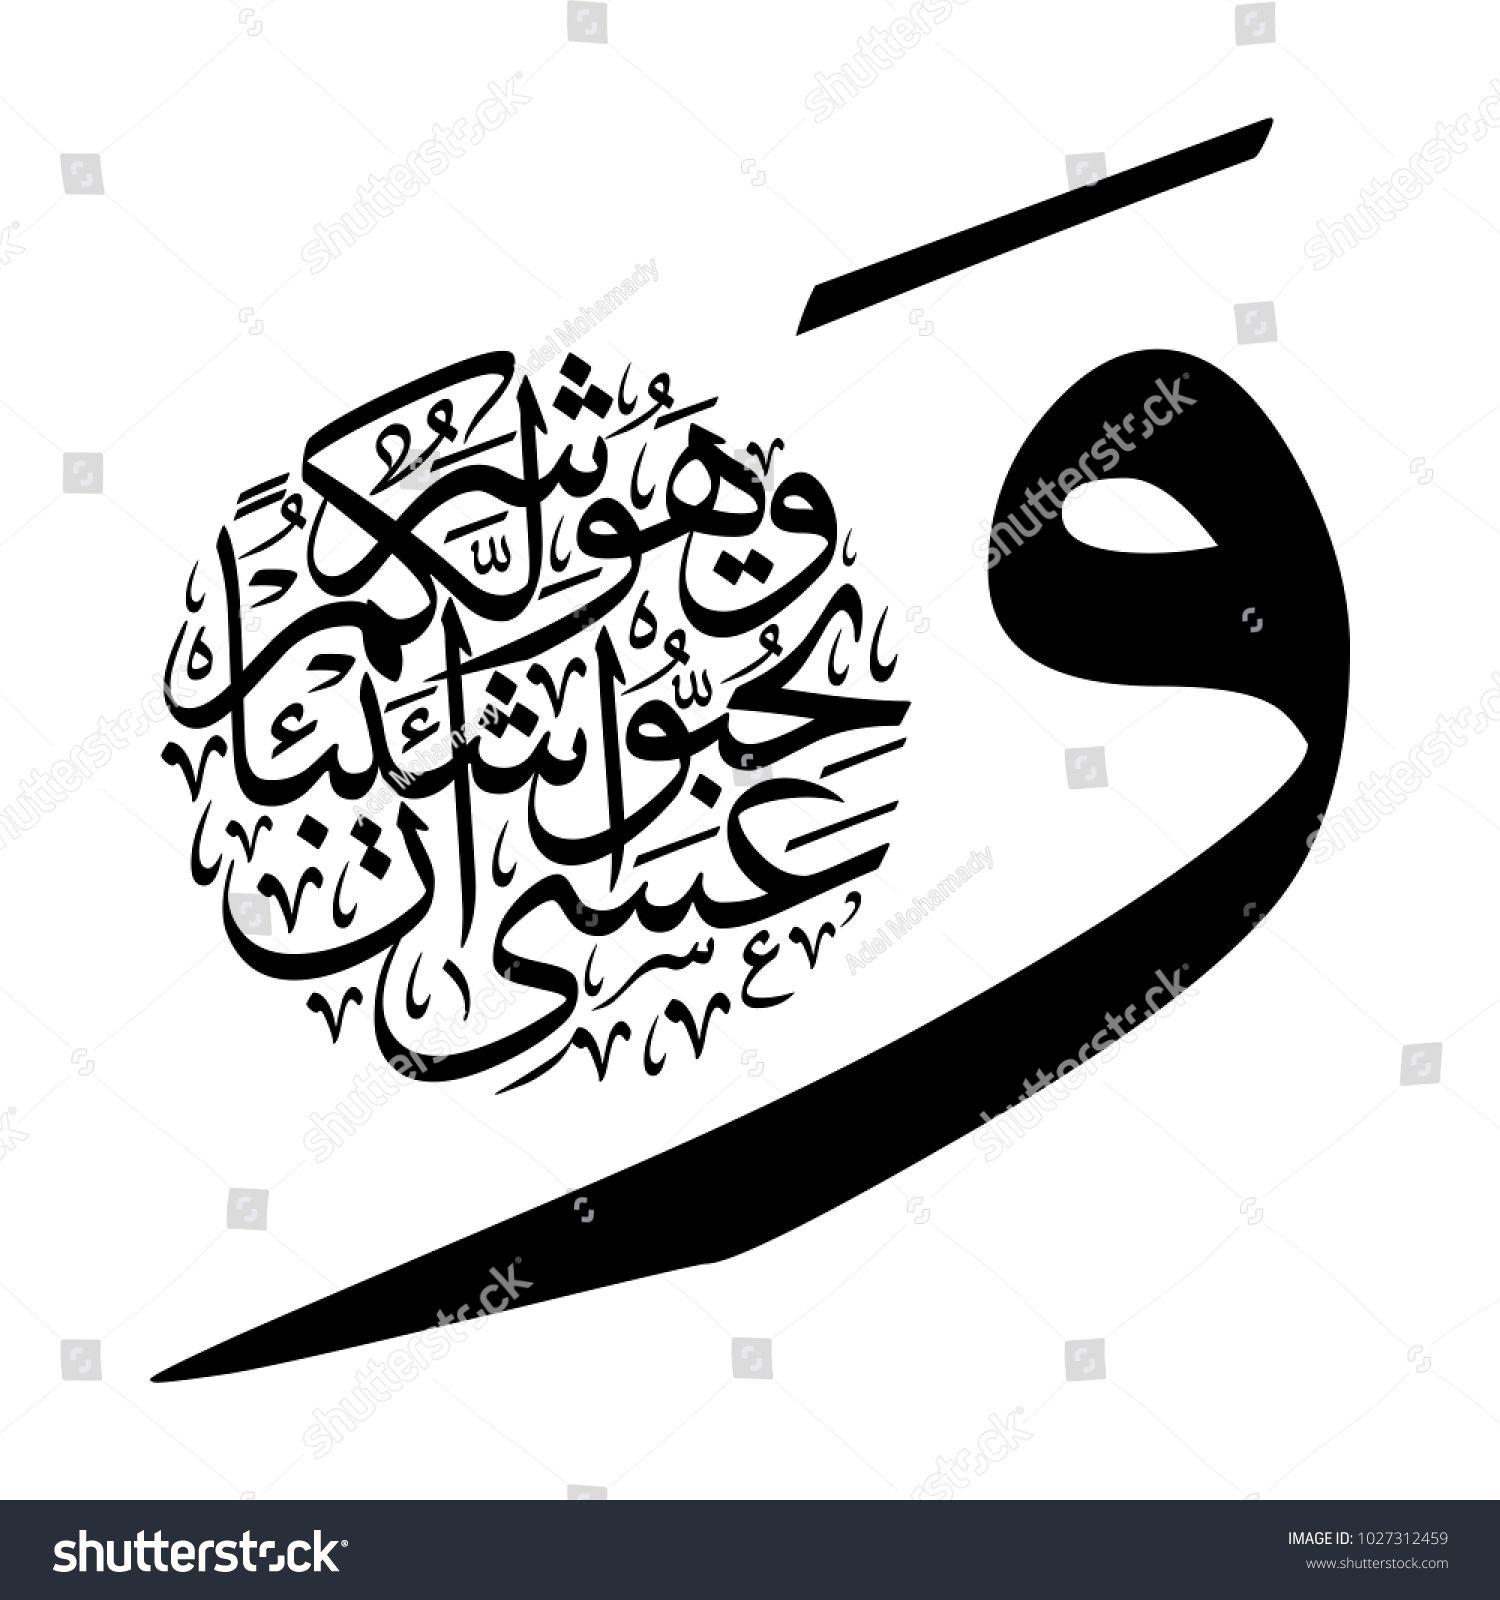 مخطوطات العيد عيد الفطر المبارك 1436 هـ 2015 م Happy 3id Typography Eid Mubarak Greeting Cards Eid Mubarak Greetings Eid Cards